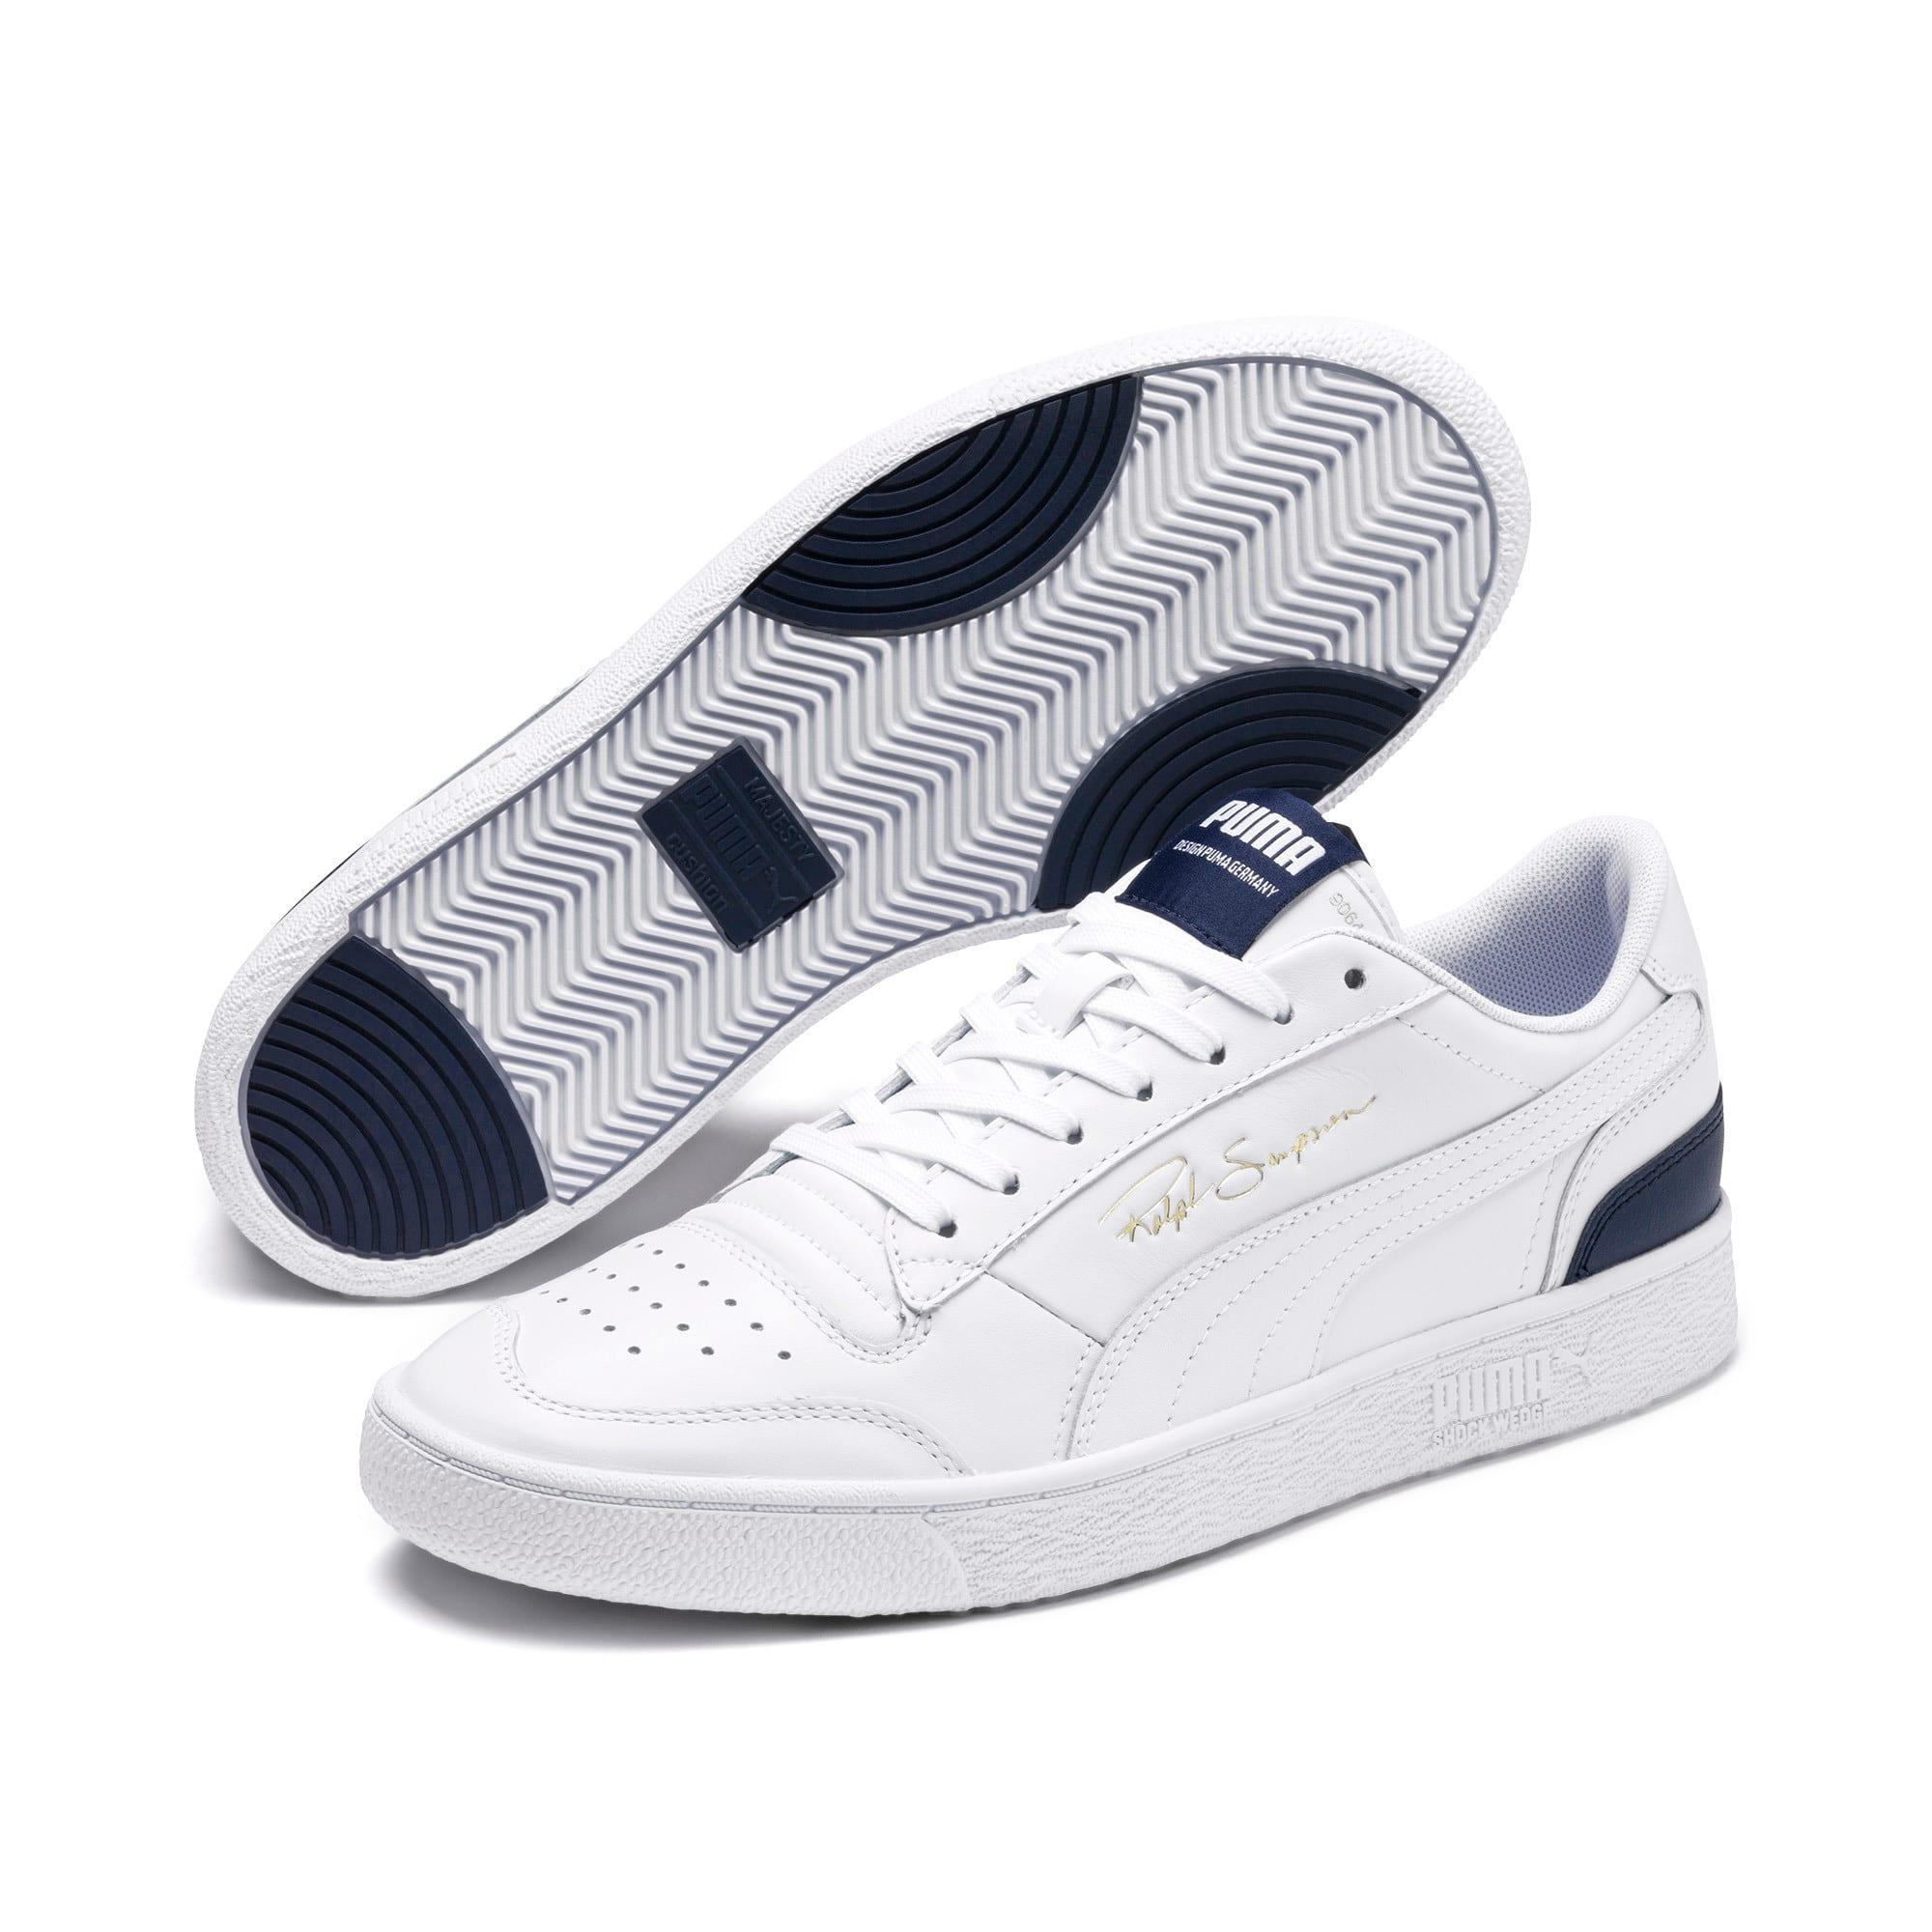 Miniatura 2 de Zapatos deportivosRalph Sampson Lo, Puma Wht-Peacoat-Puma Wht, mediano